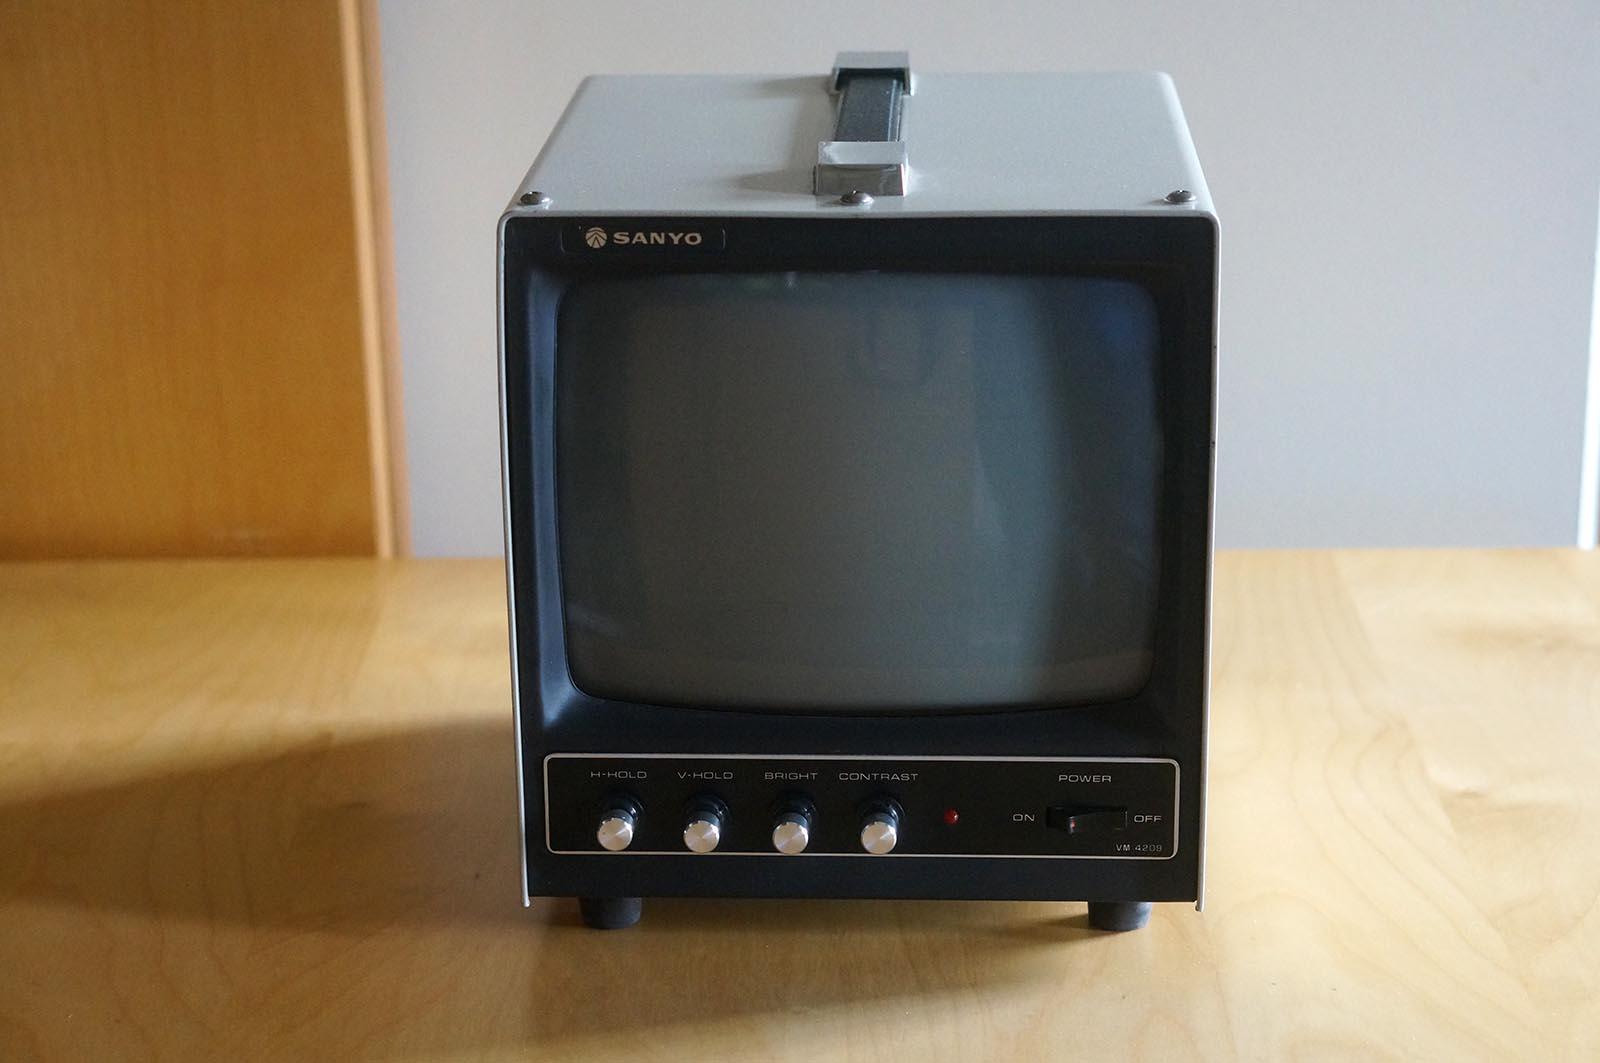 Sanyo VM 4209 Monitor